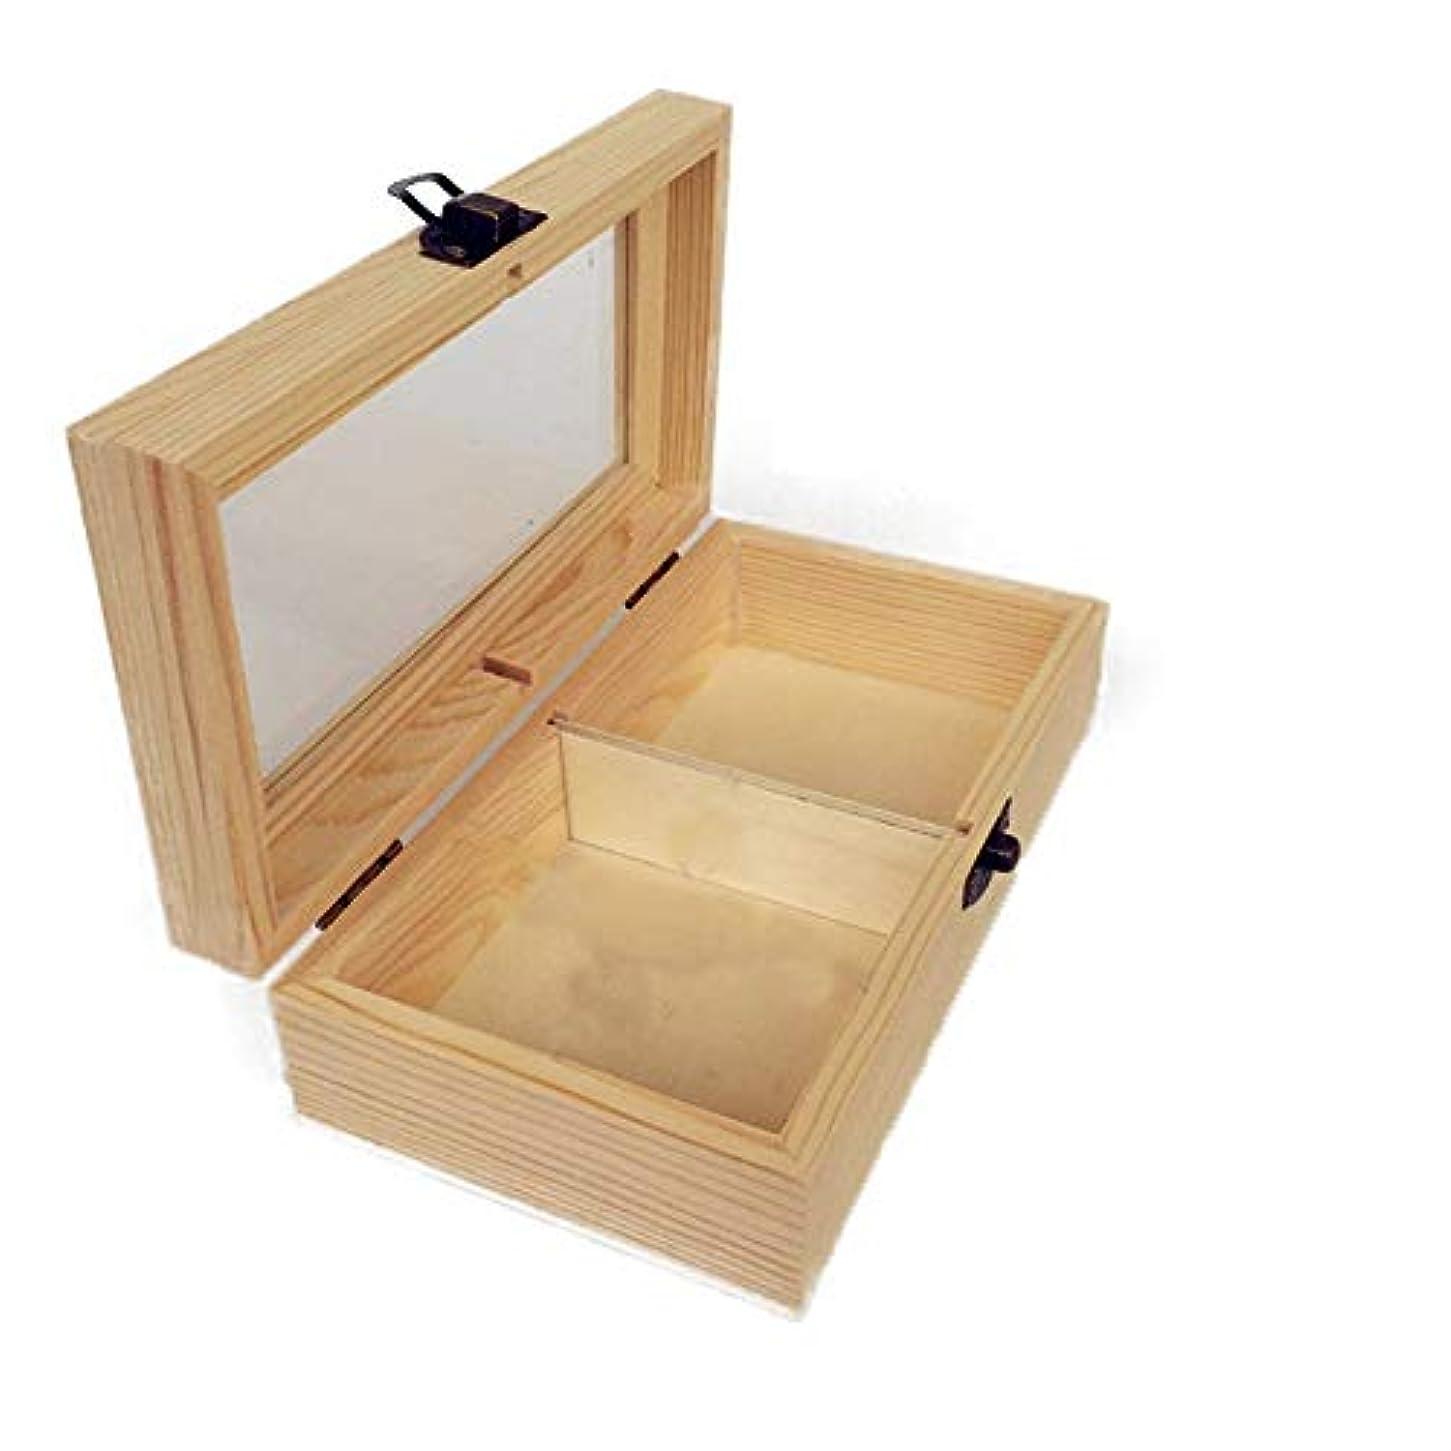 円形技術アダルト精油ケース プレゼンテーションのために手作りの木製ギフトボックスパーフェクトエッセンシャルオイルケースにエッセンシャルオイルは、被害太陽光からあなたの油を保護します 携帯便利 (色 : Natural, サイズ : 18X10X5.5CM)